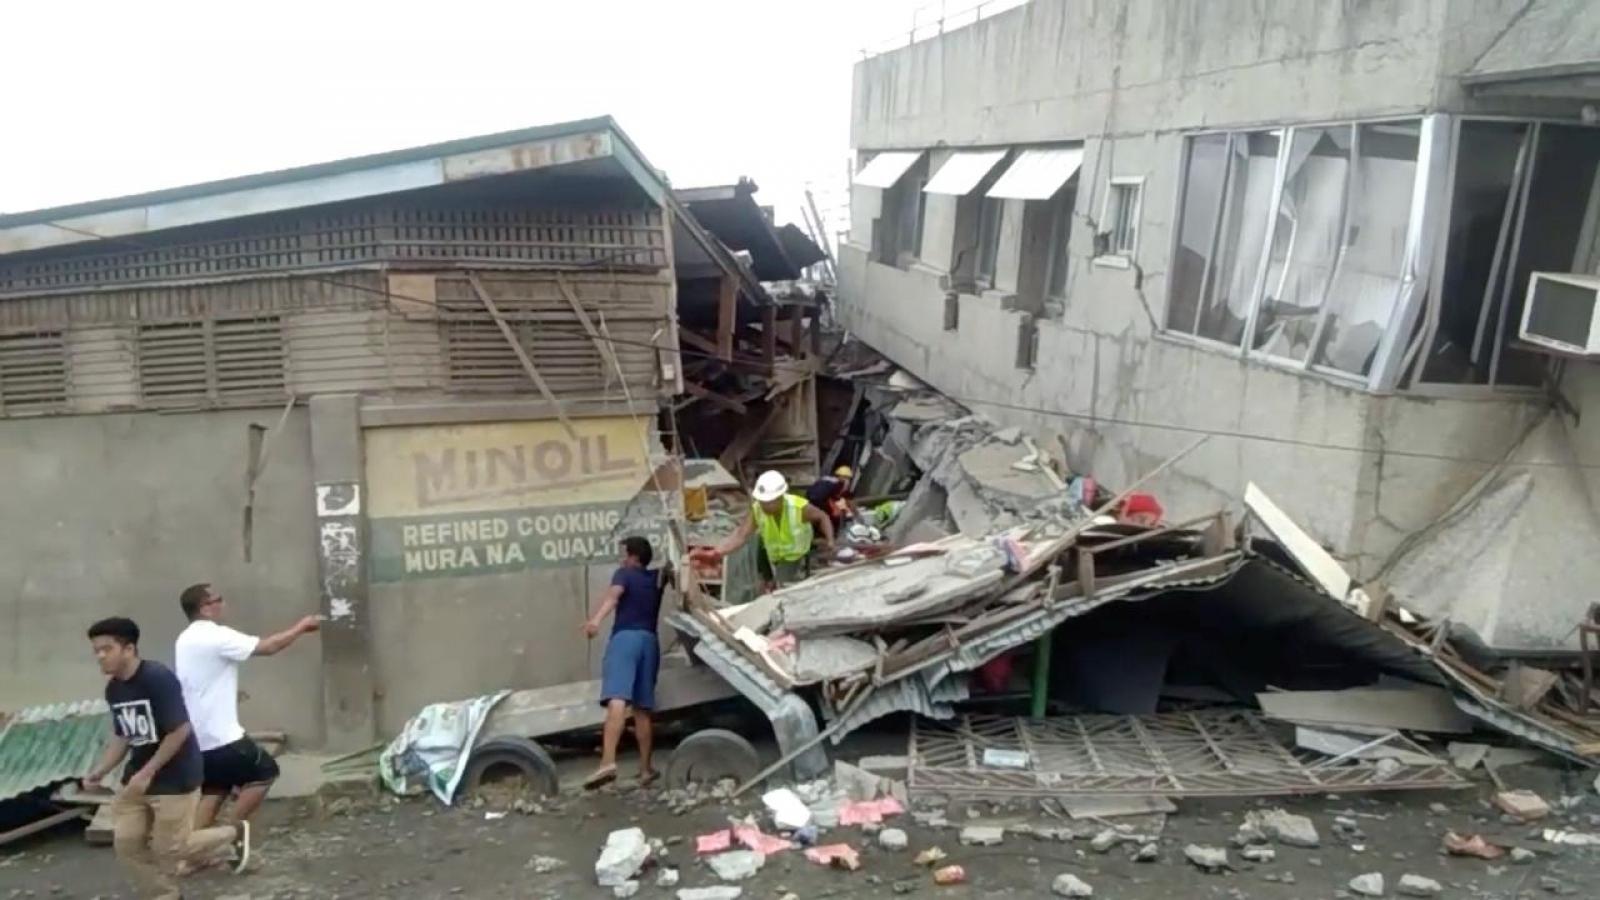 Động đất mạnh 6,3 độ tại Philippines, cảnh báo dư chấn và thiệt hại